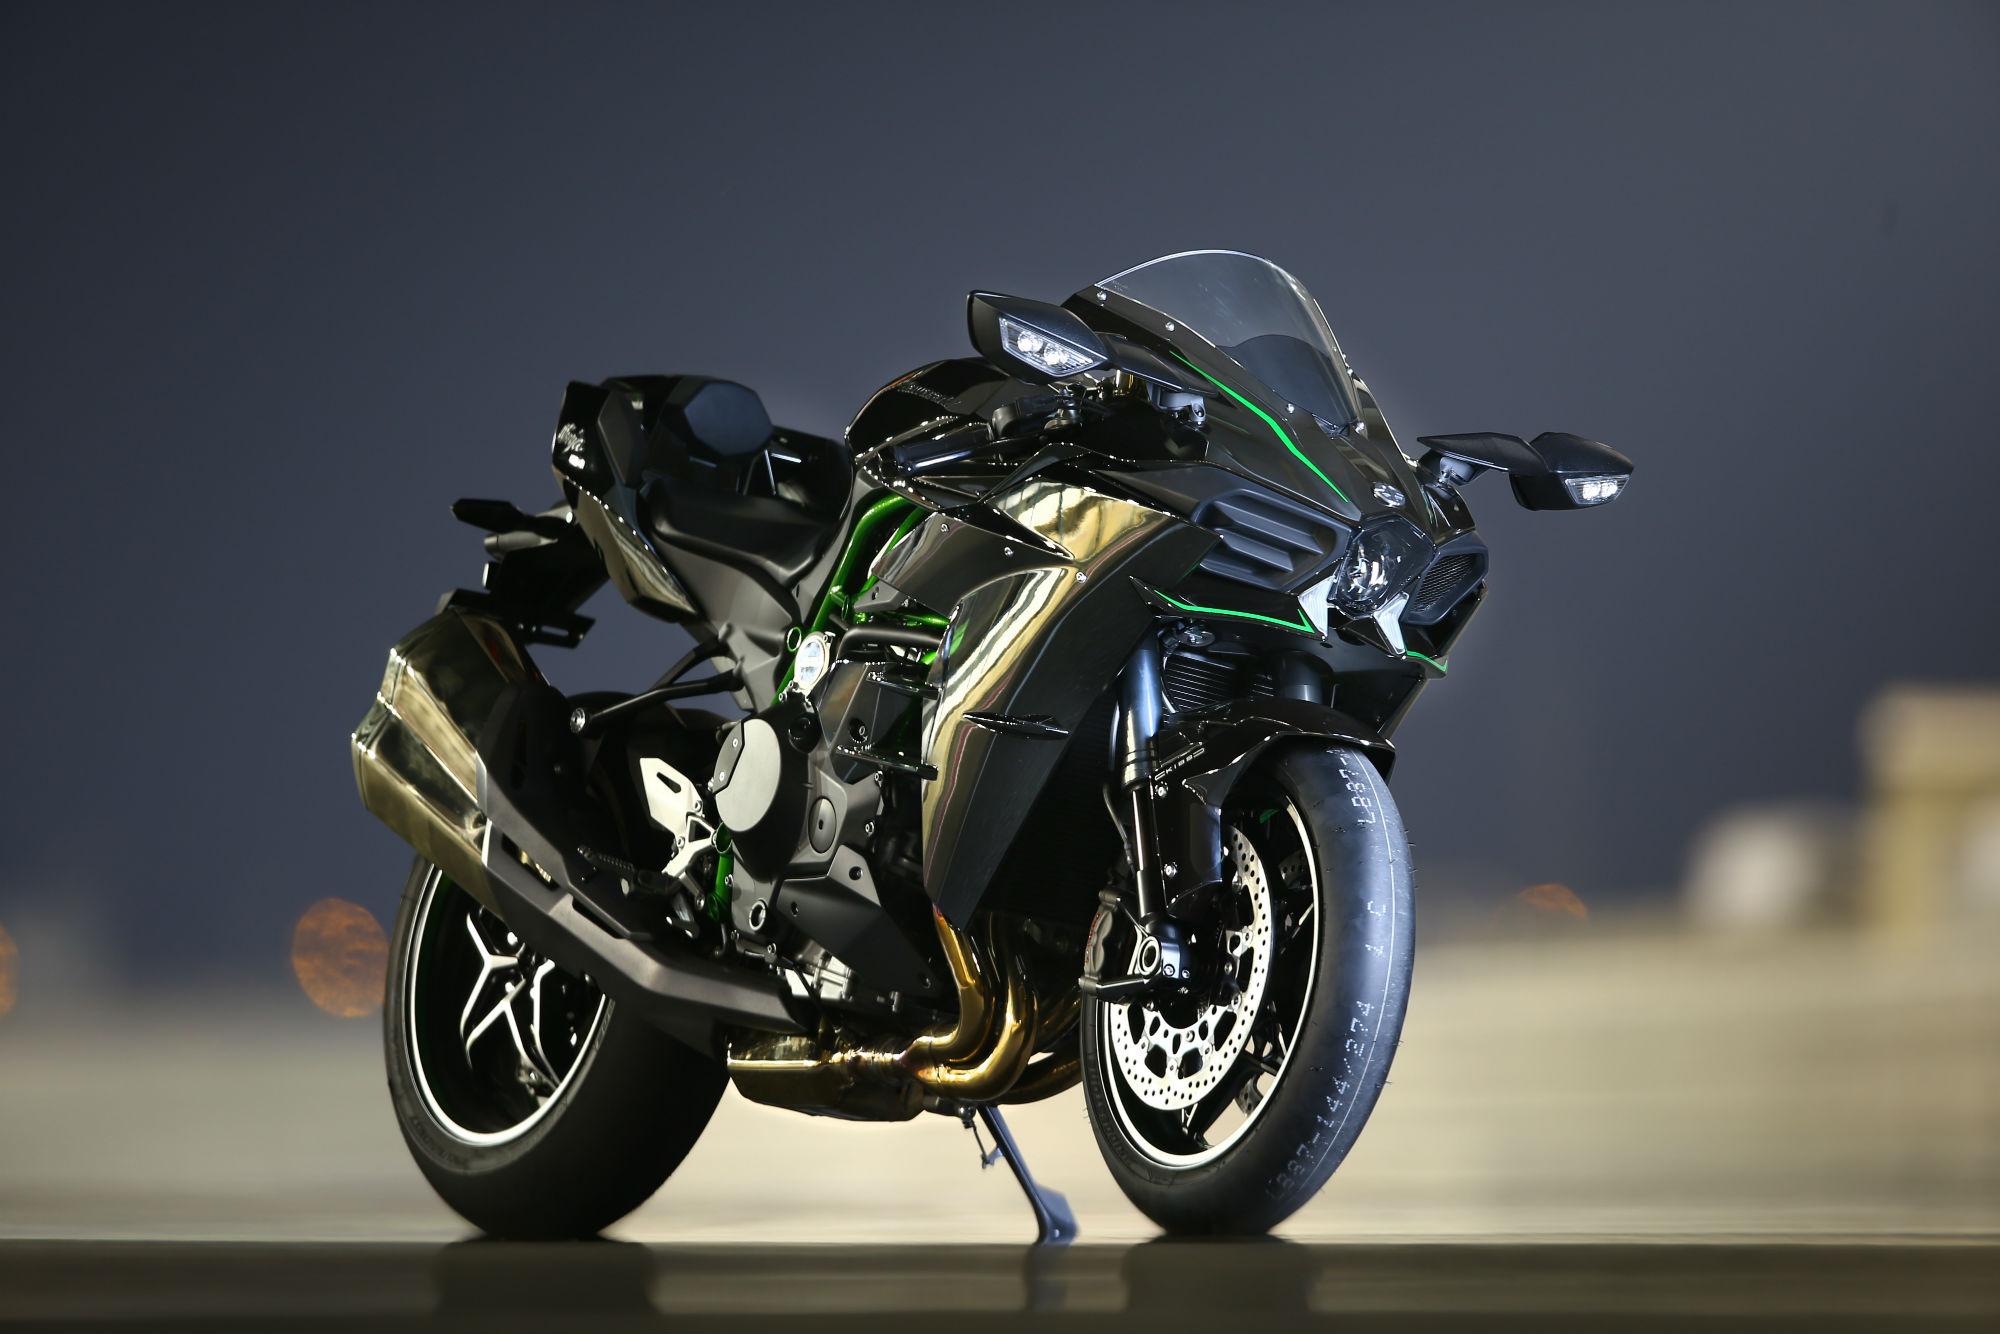 stunning Kawasaki Ninja H2 image